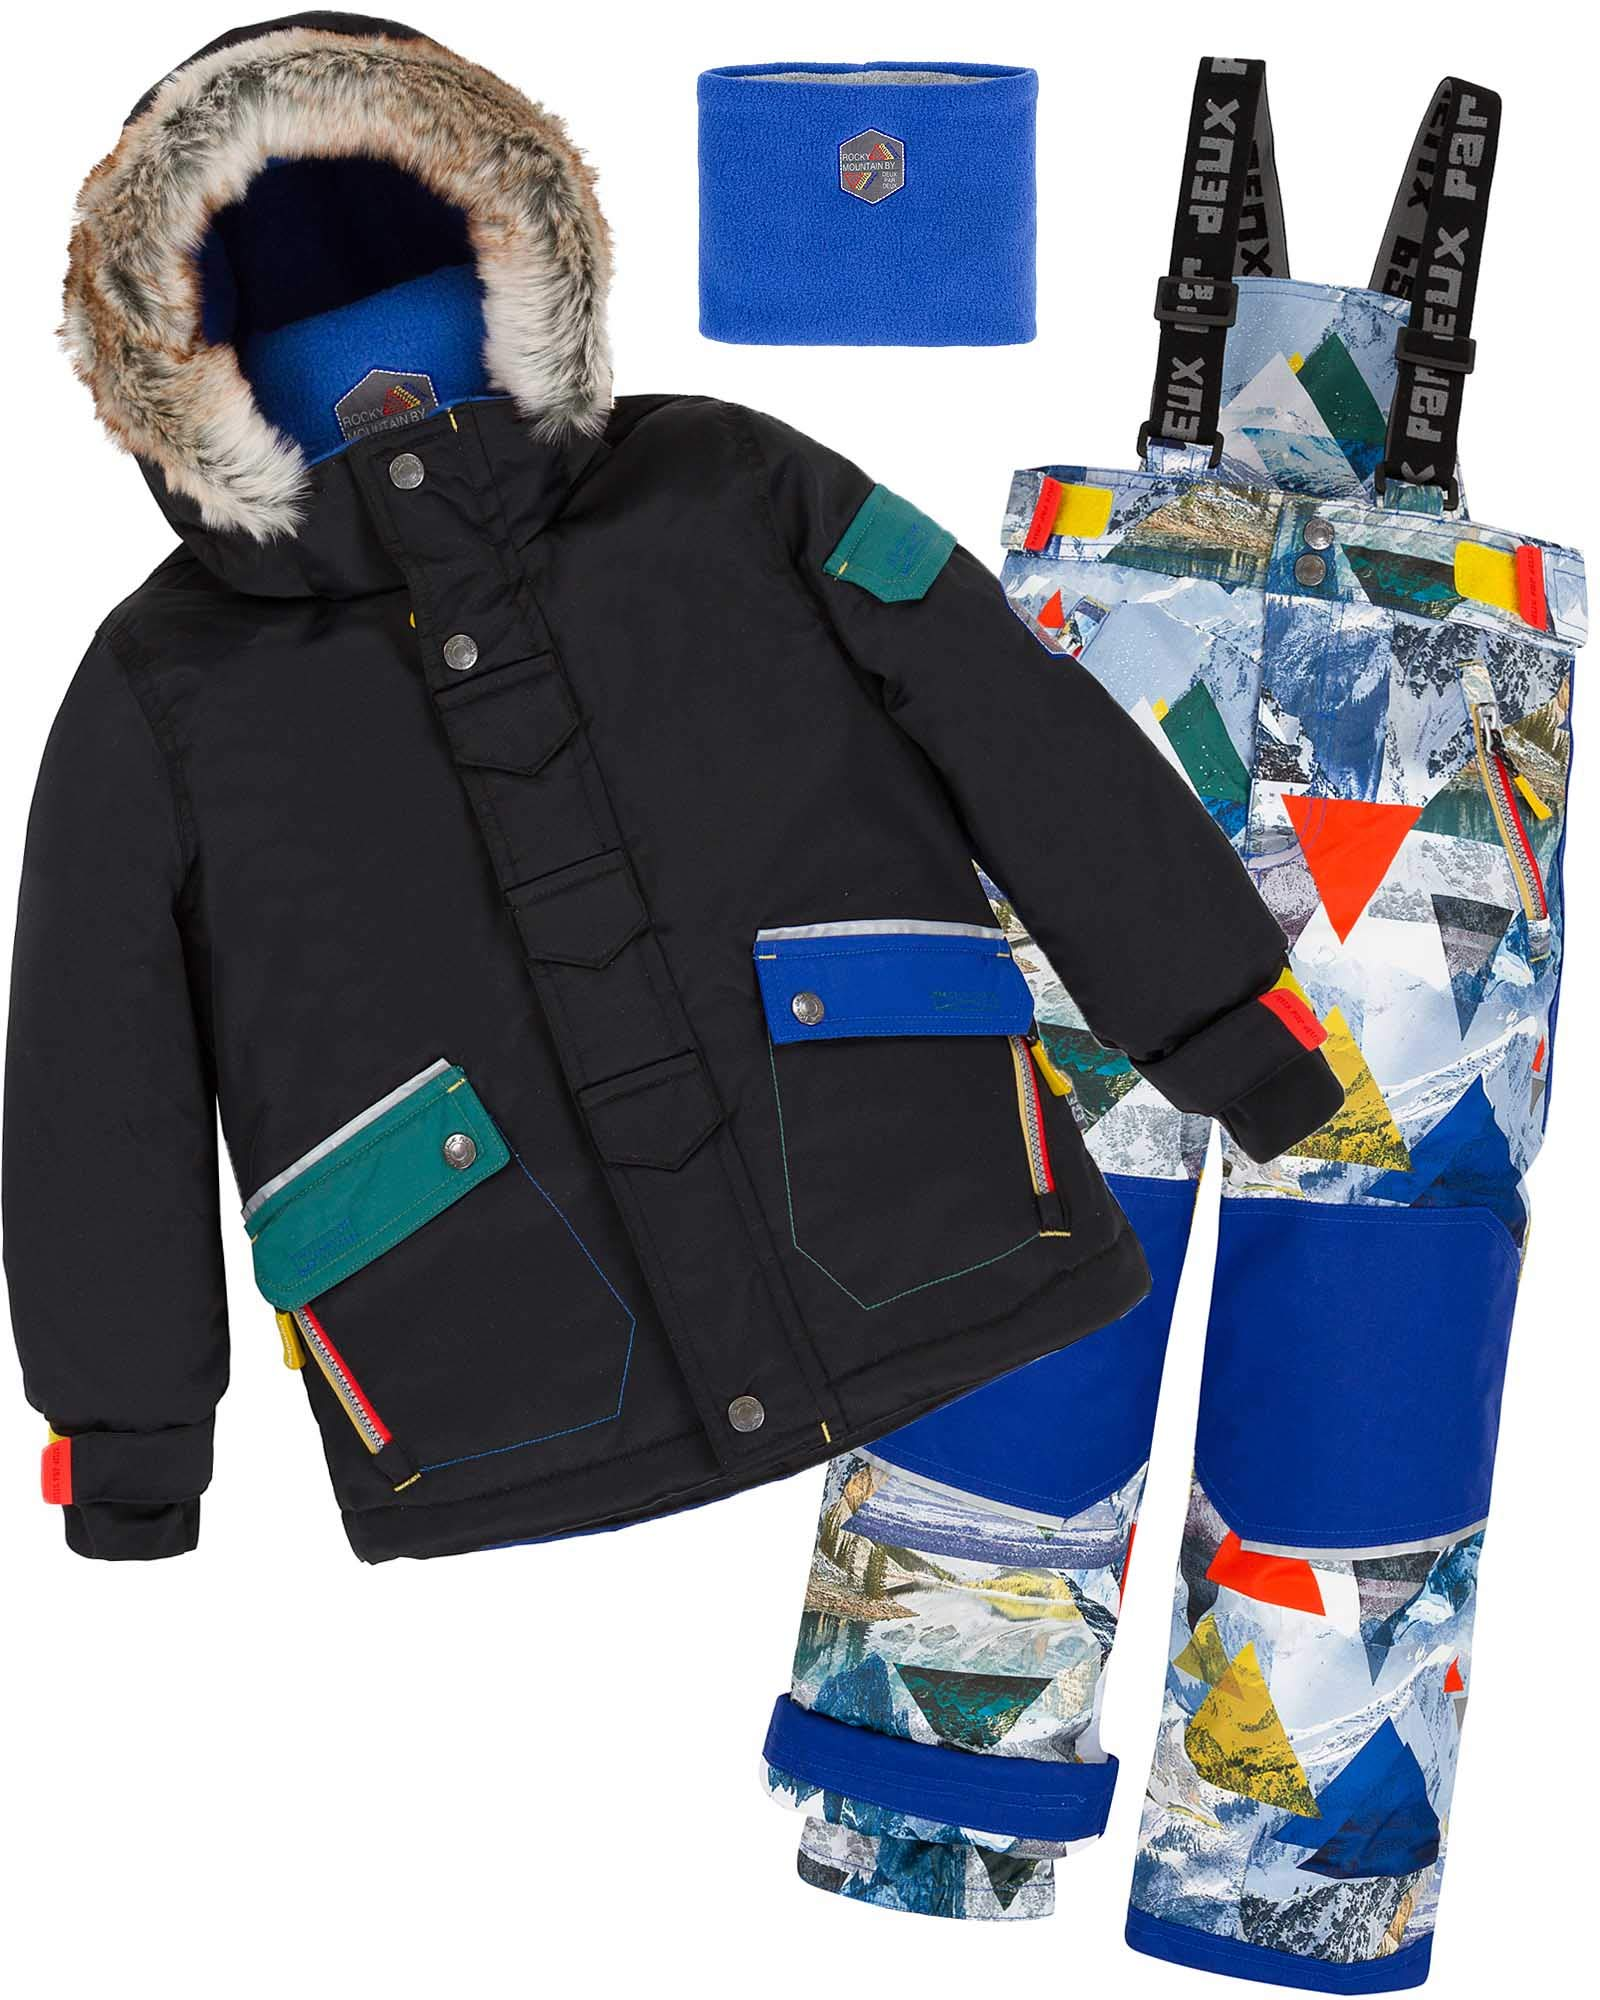 Deux par Deux Boys' 2-Piece Snowsuit Rock The Mountain Print, Sizes 4-14 - 12